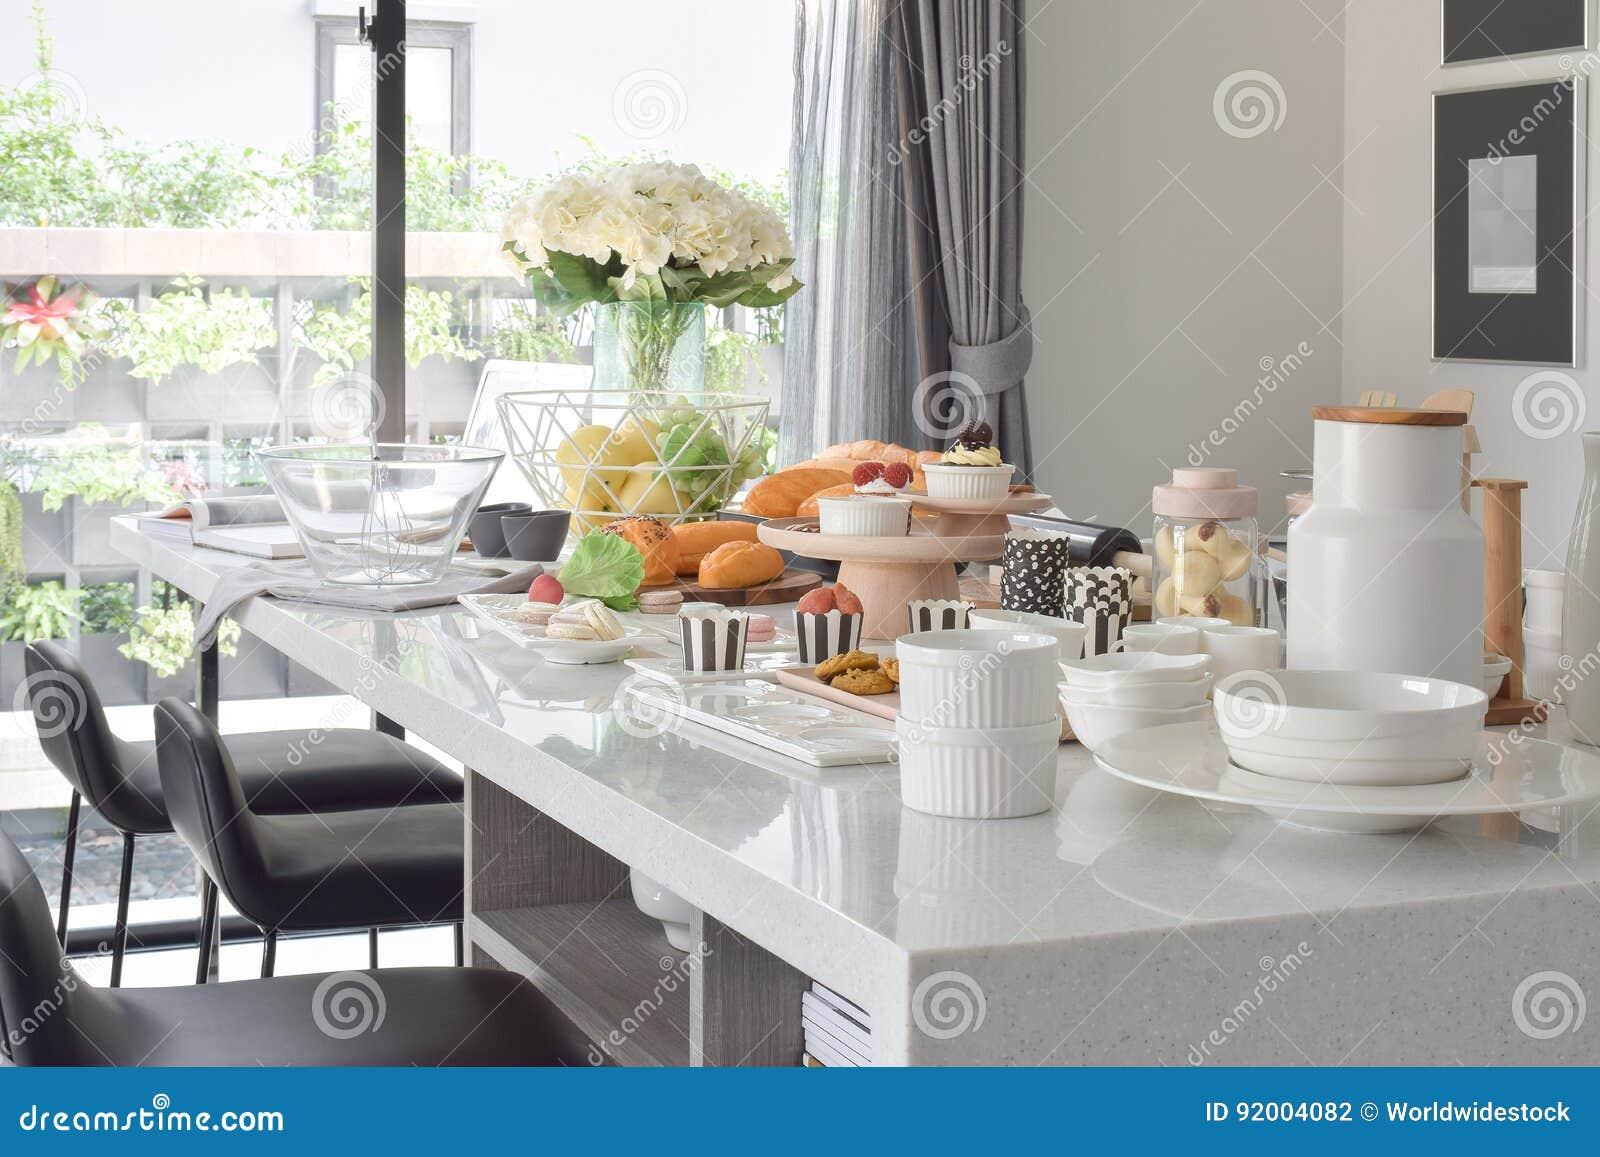 Moderne Witte Eettafel.Gebakje Op De Witte Kunstmatige Steen Hoogste Eettafel In